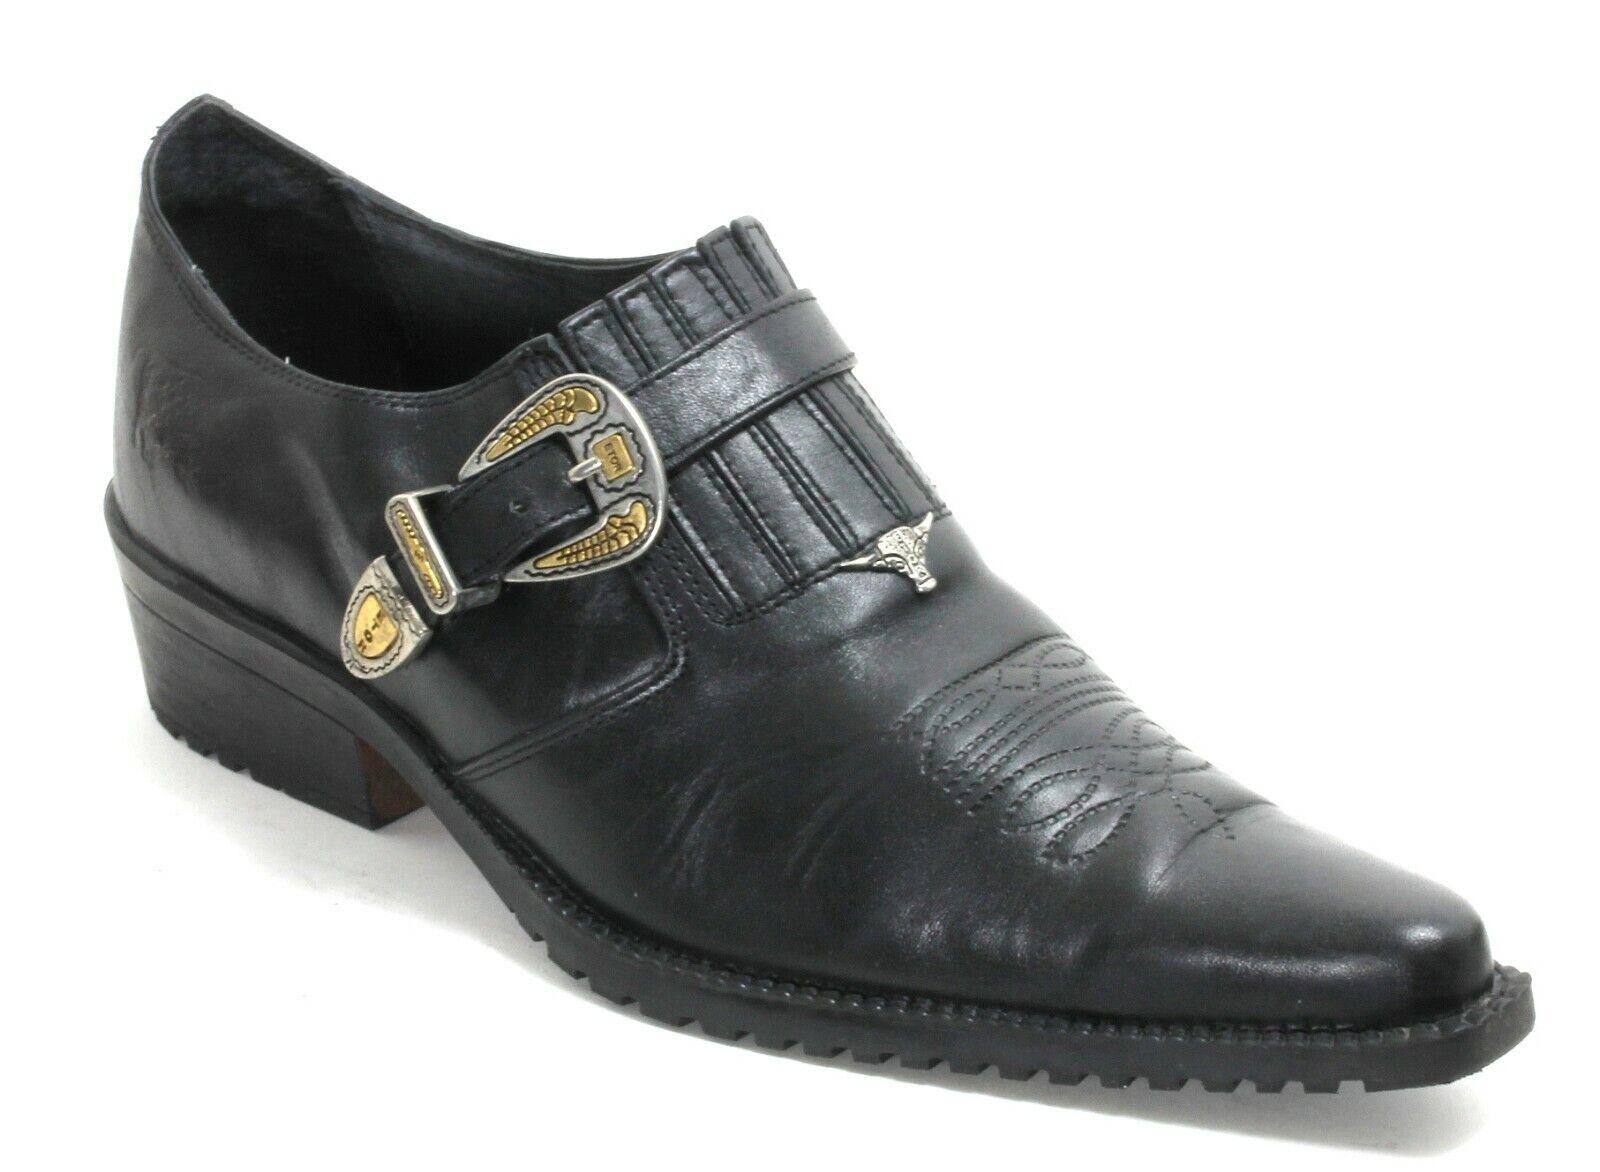 Westernschuhe Catalan Style Stiefeletten Leder Metallic Schnalle ETOR 44